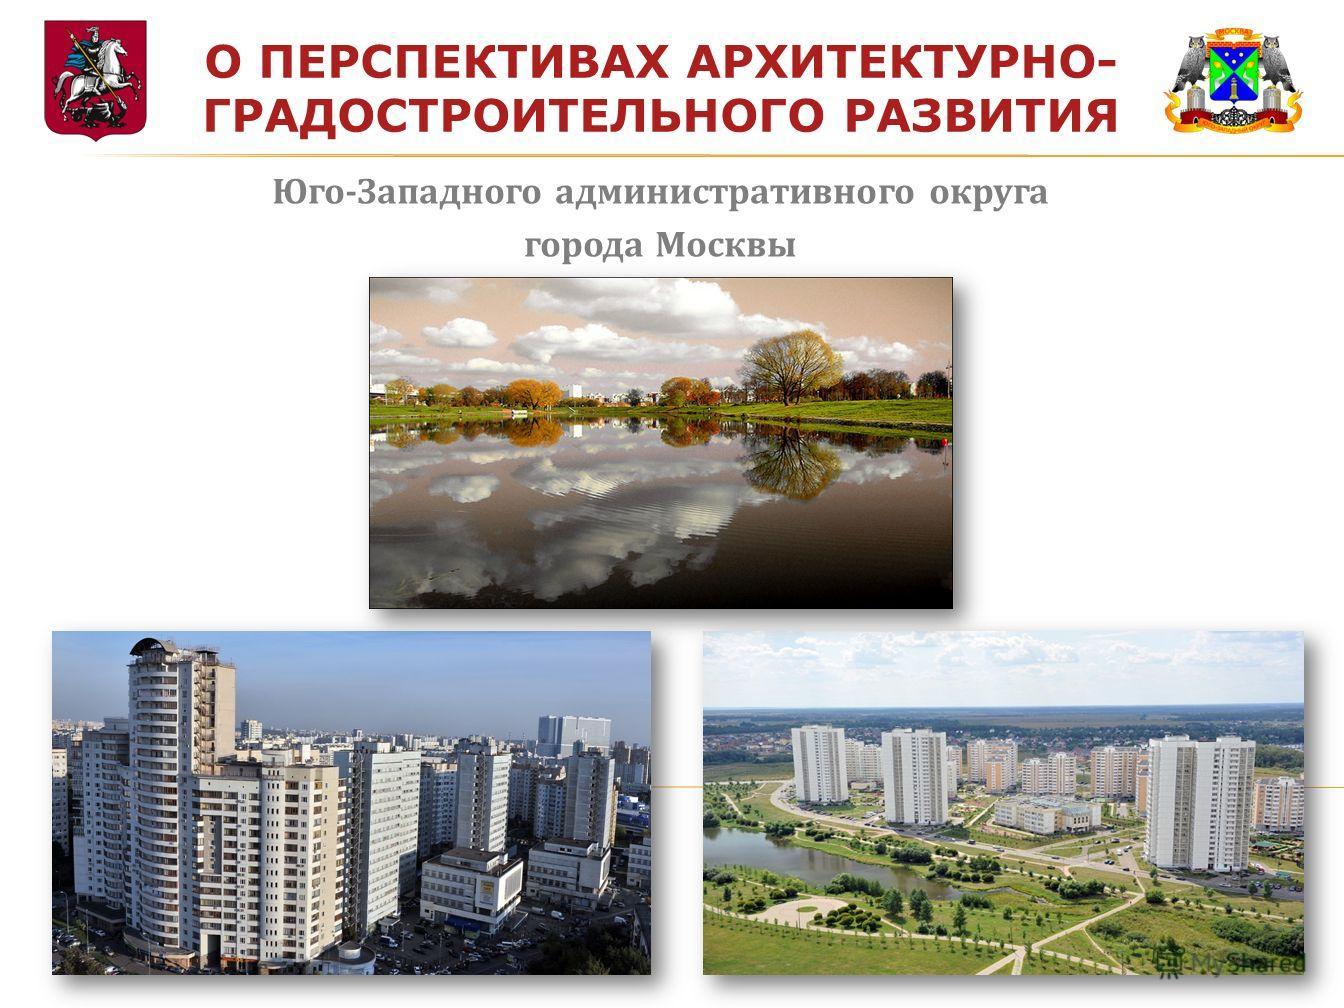 О ПЕРСПЕКТИВАХ АРХИТЕКТУРНО- ГРАДОСТРОИТЕЛЬНОГО РАЗВИТИЯ Юго-Западного административного округа города Москвы